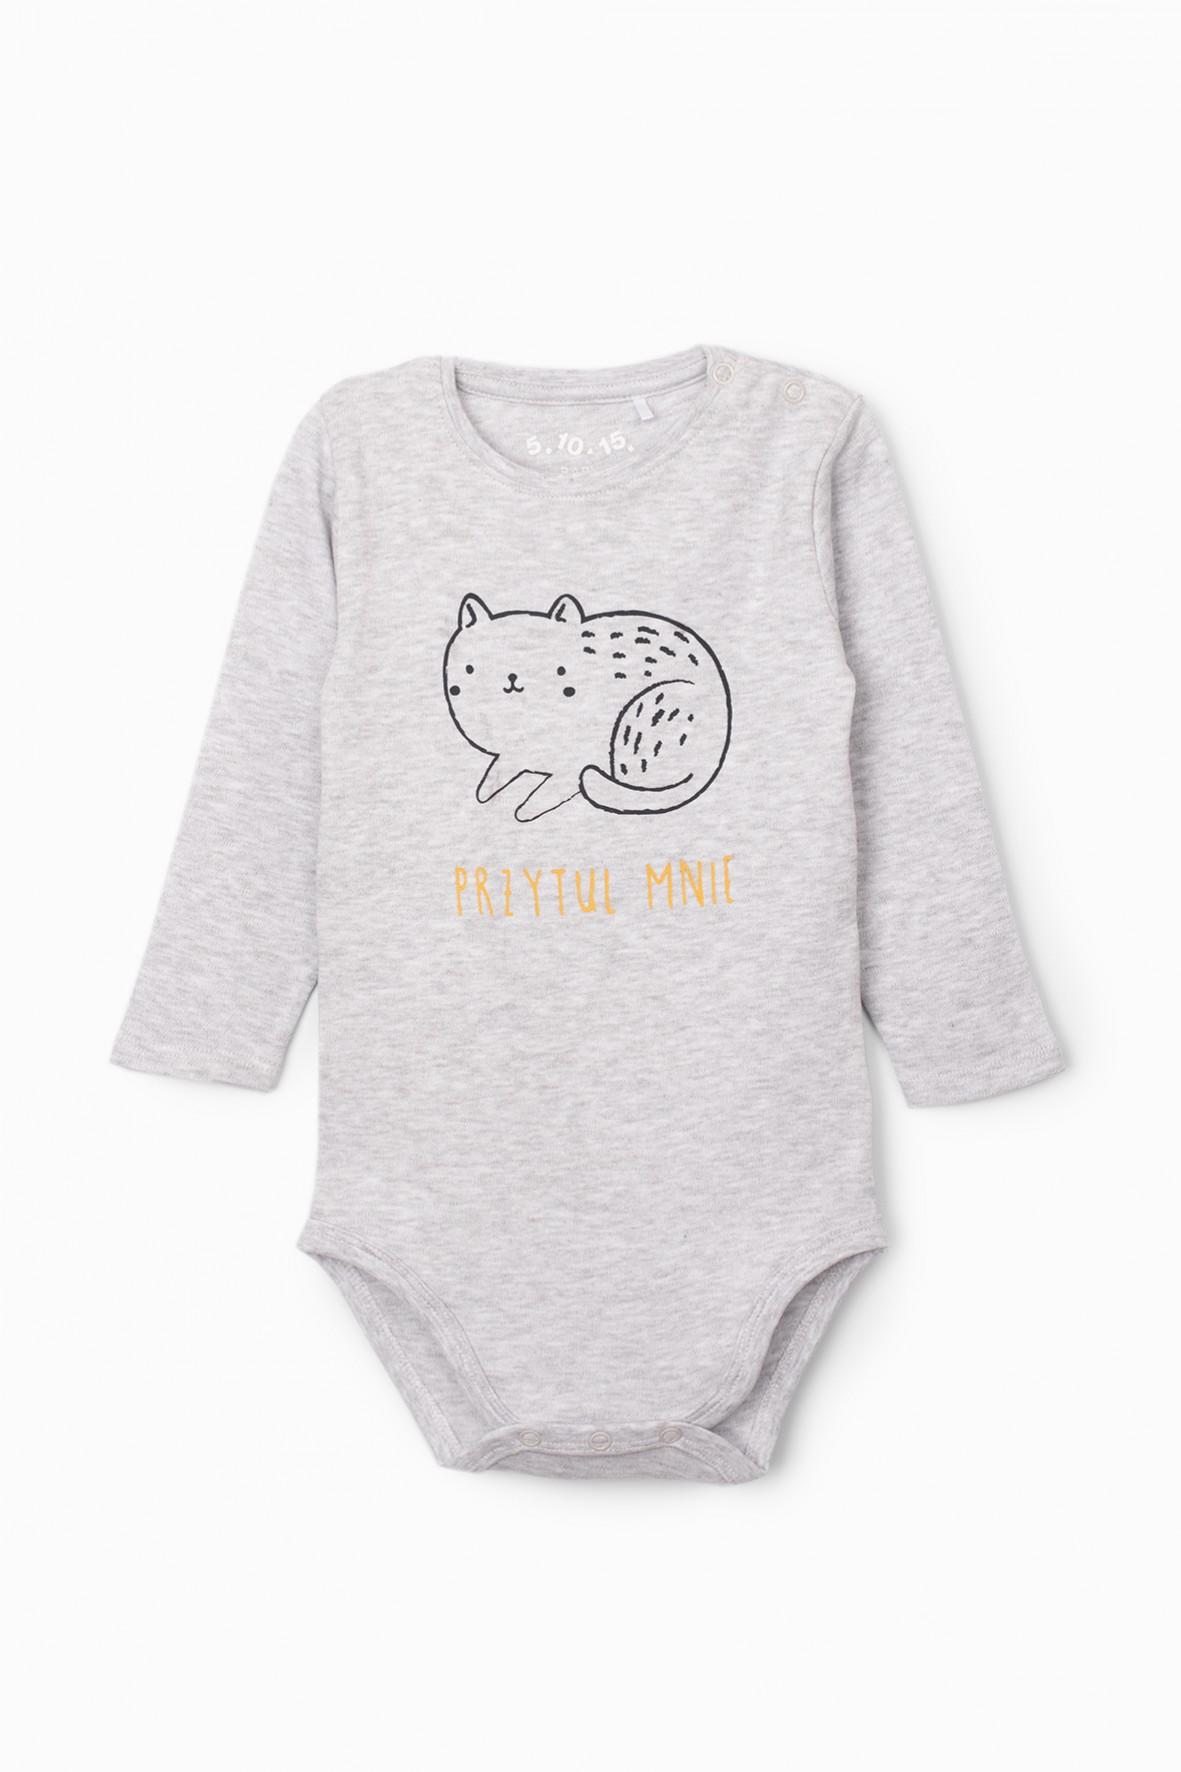 Body niemowlęce z kotkiem i napisem Przytul mnie - szare